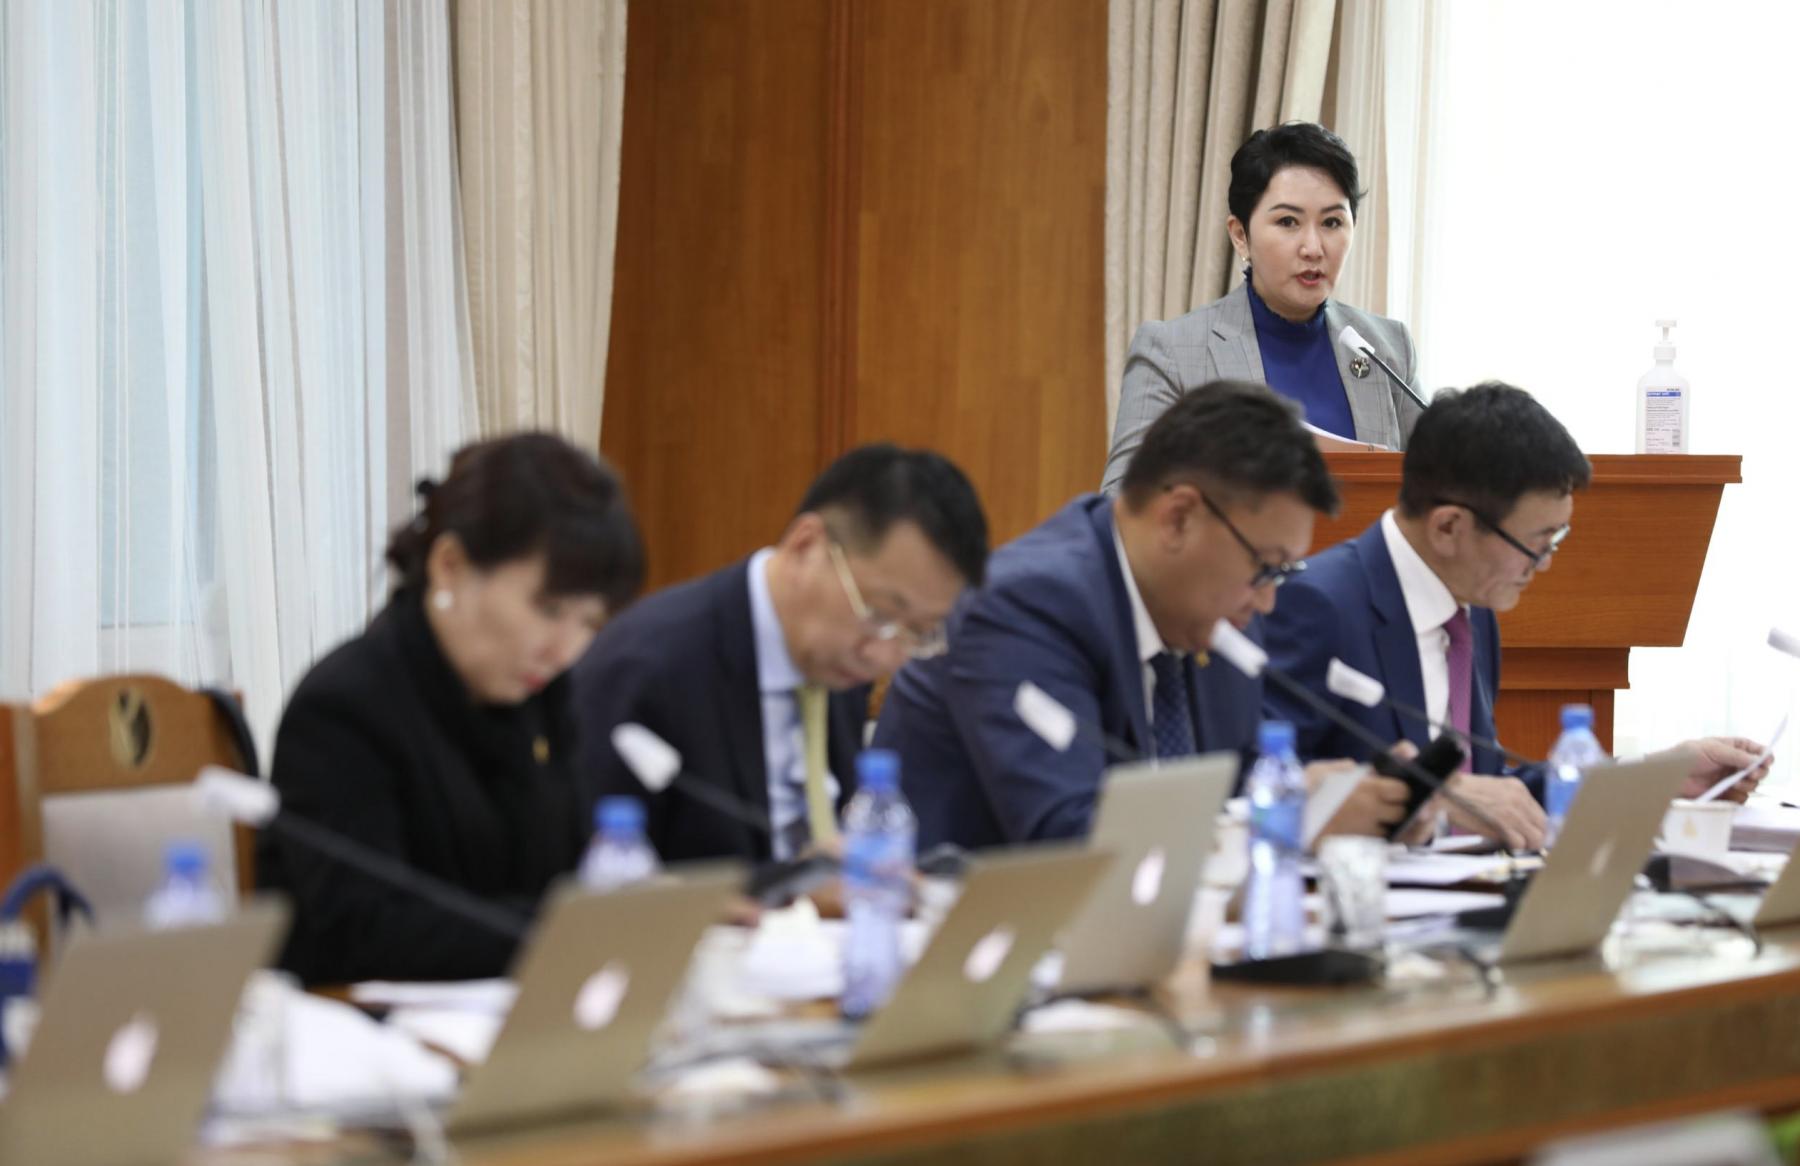 Монгол-Японы хооронд дипломат харилцаа тогтоосны 50 жилийн ойг тэмдэглэнэ